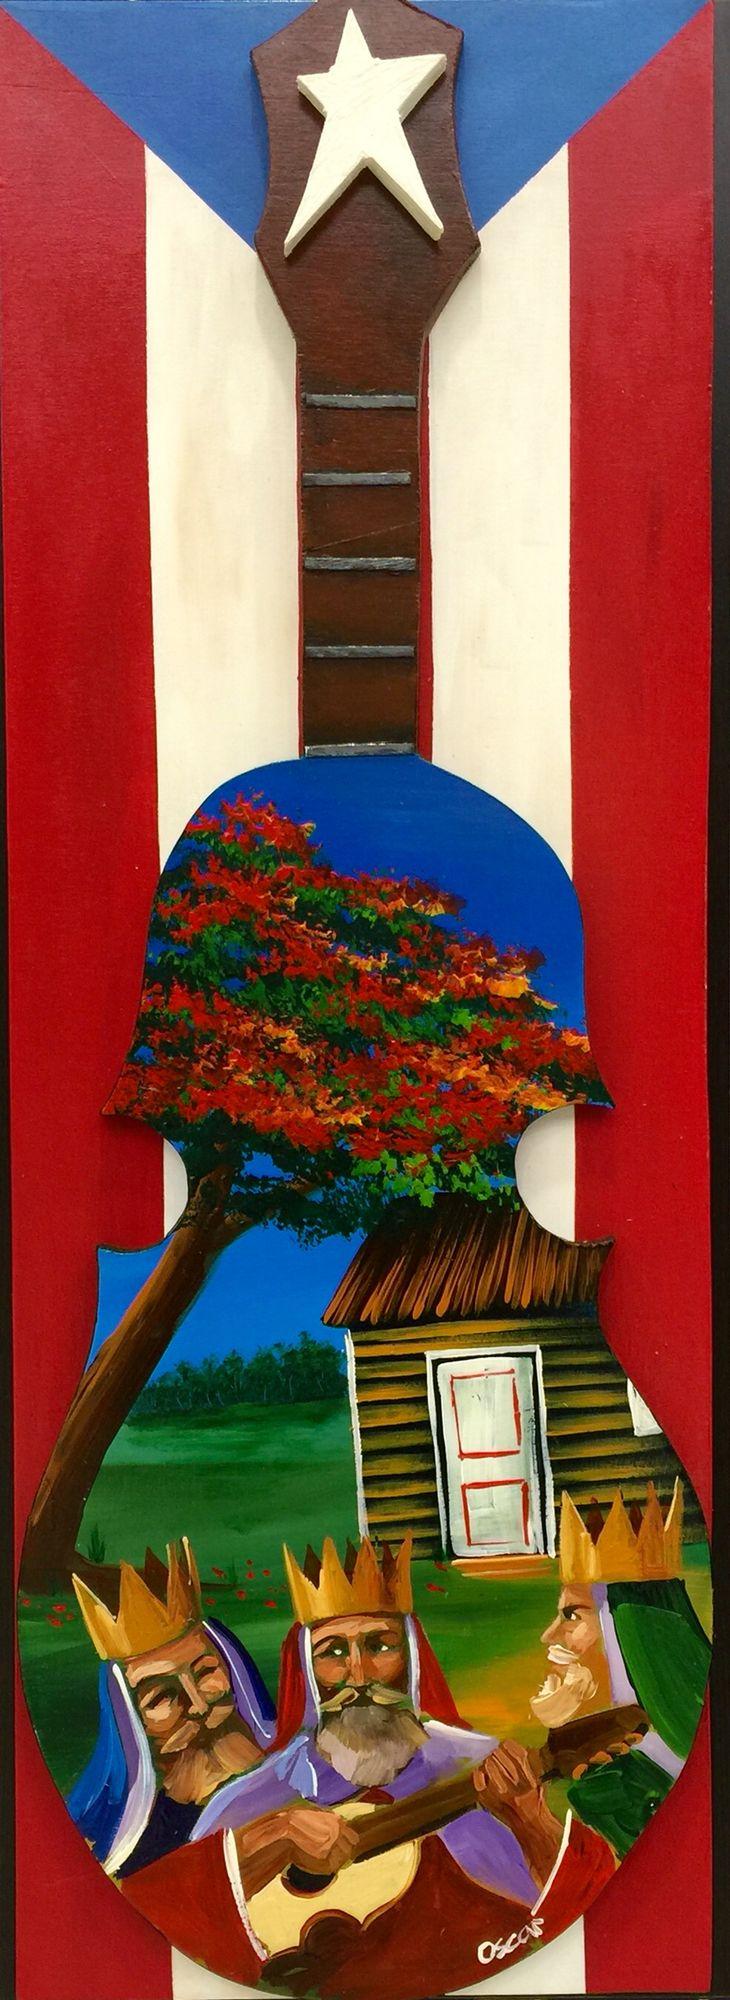 Artesanía de Puerto Rico. Reyes magos, flamboyán y casita sobre cuatro puertorriqueño y bandera de Puerto Rico al óleo sobre madera.